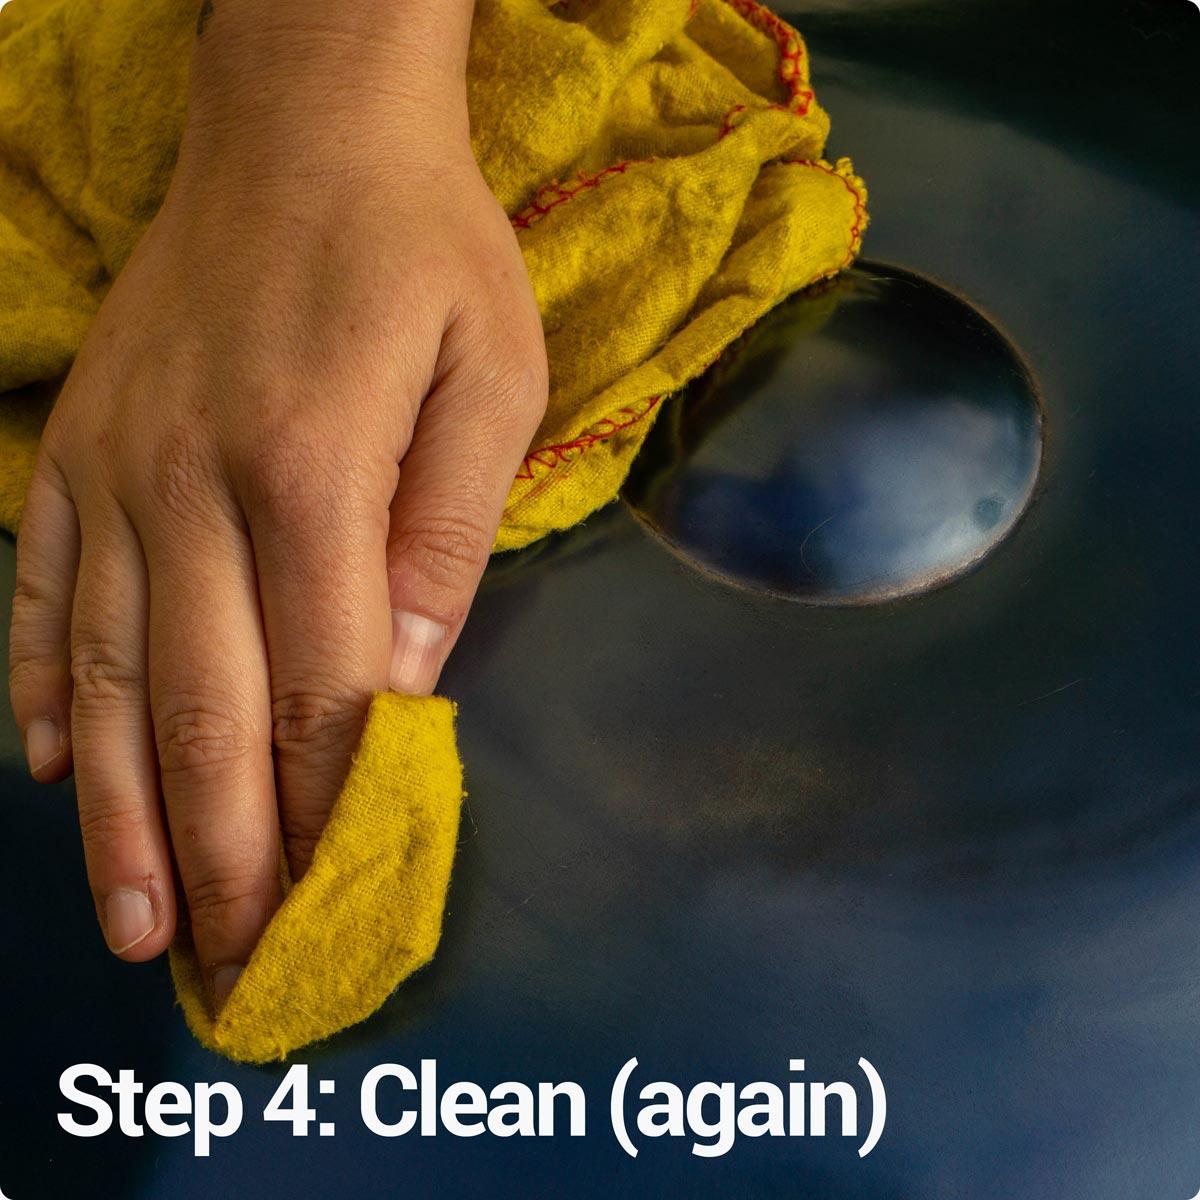 Step 4: Clean again your handpan